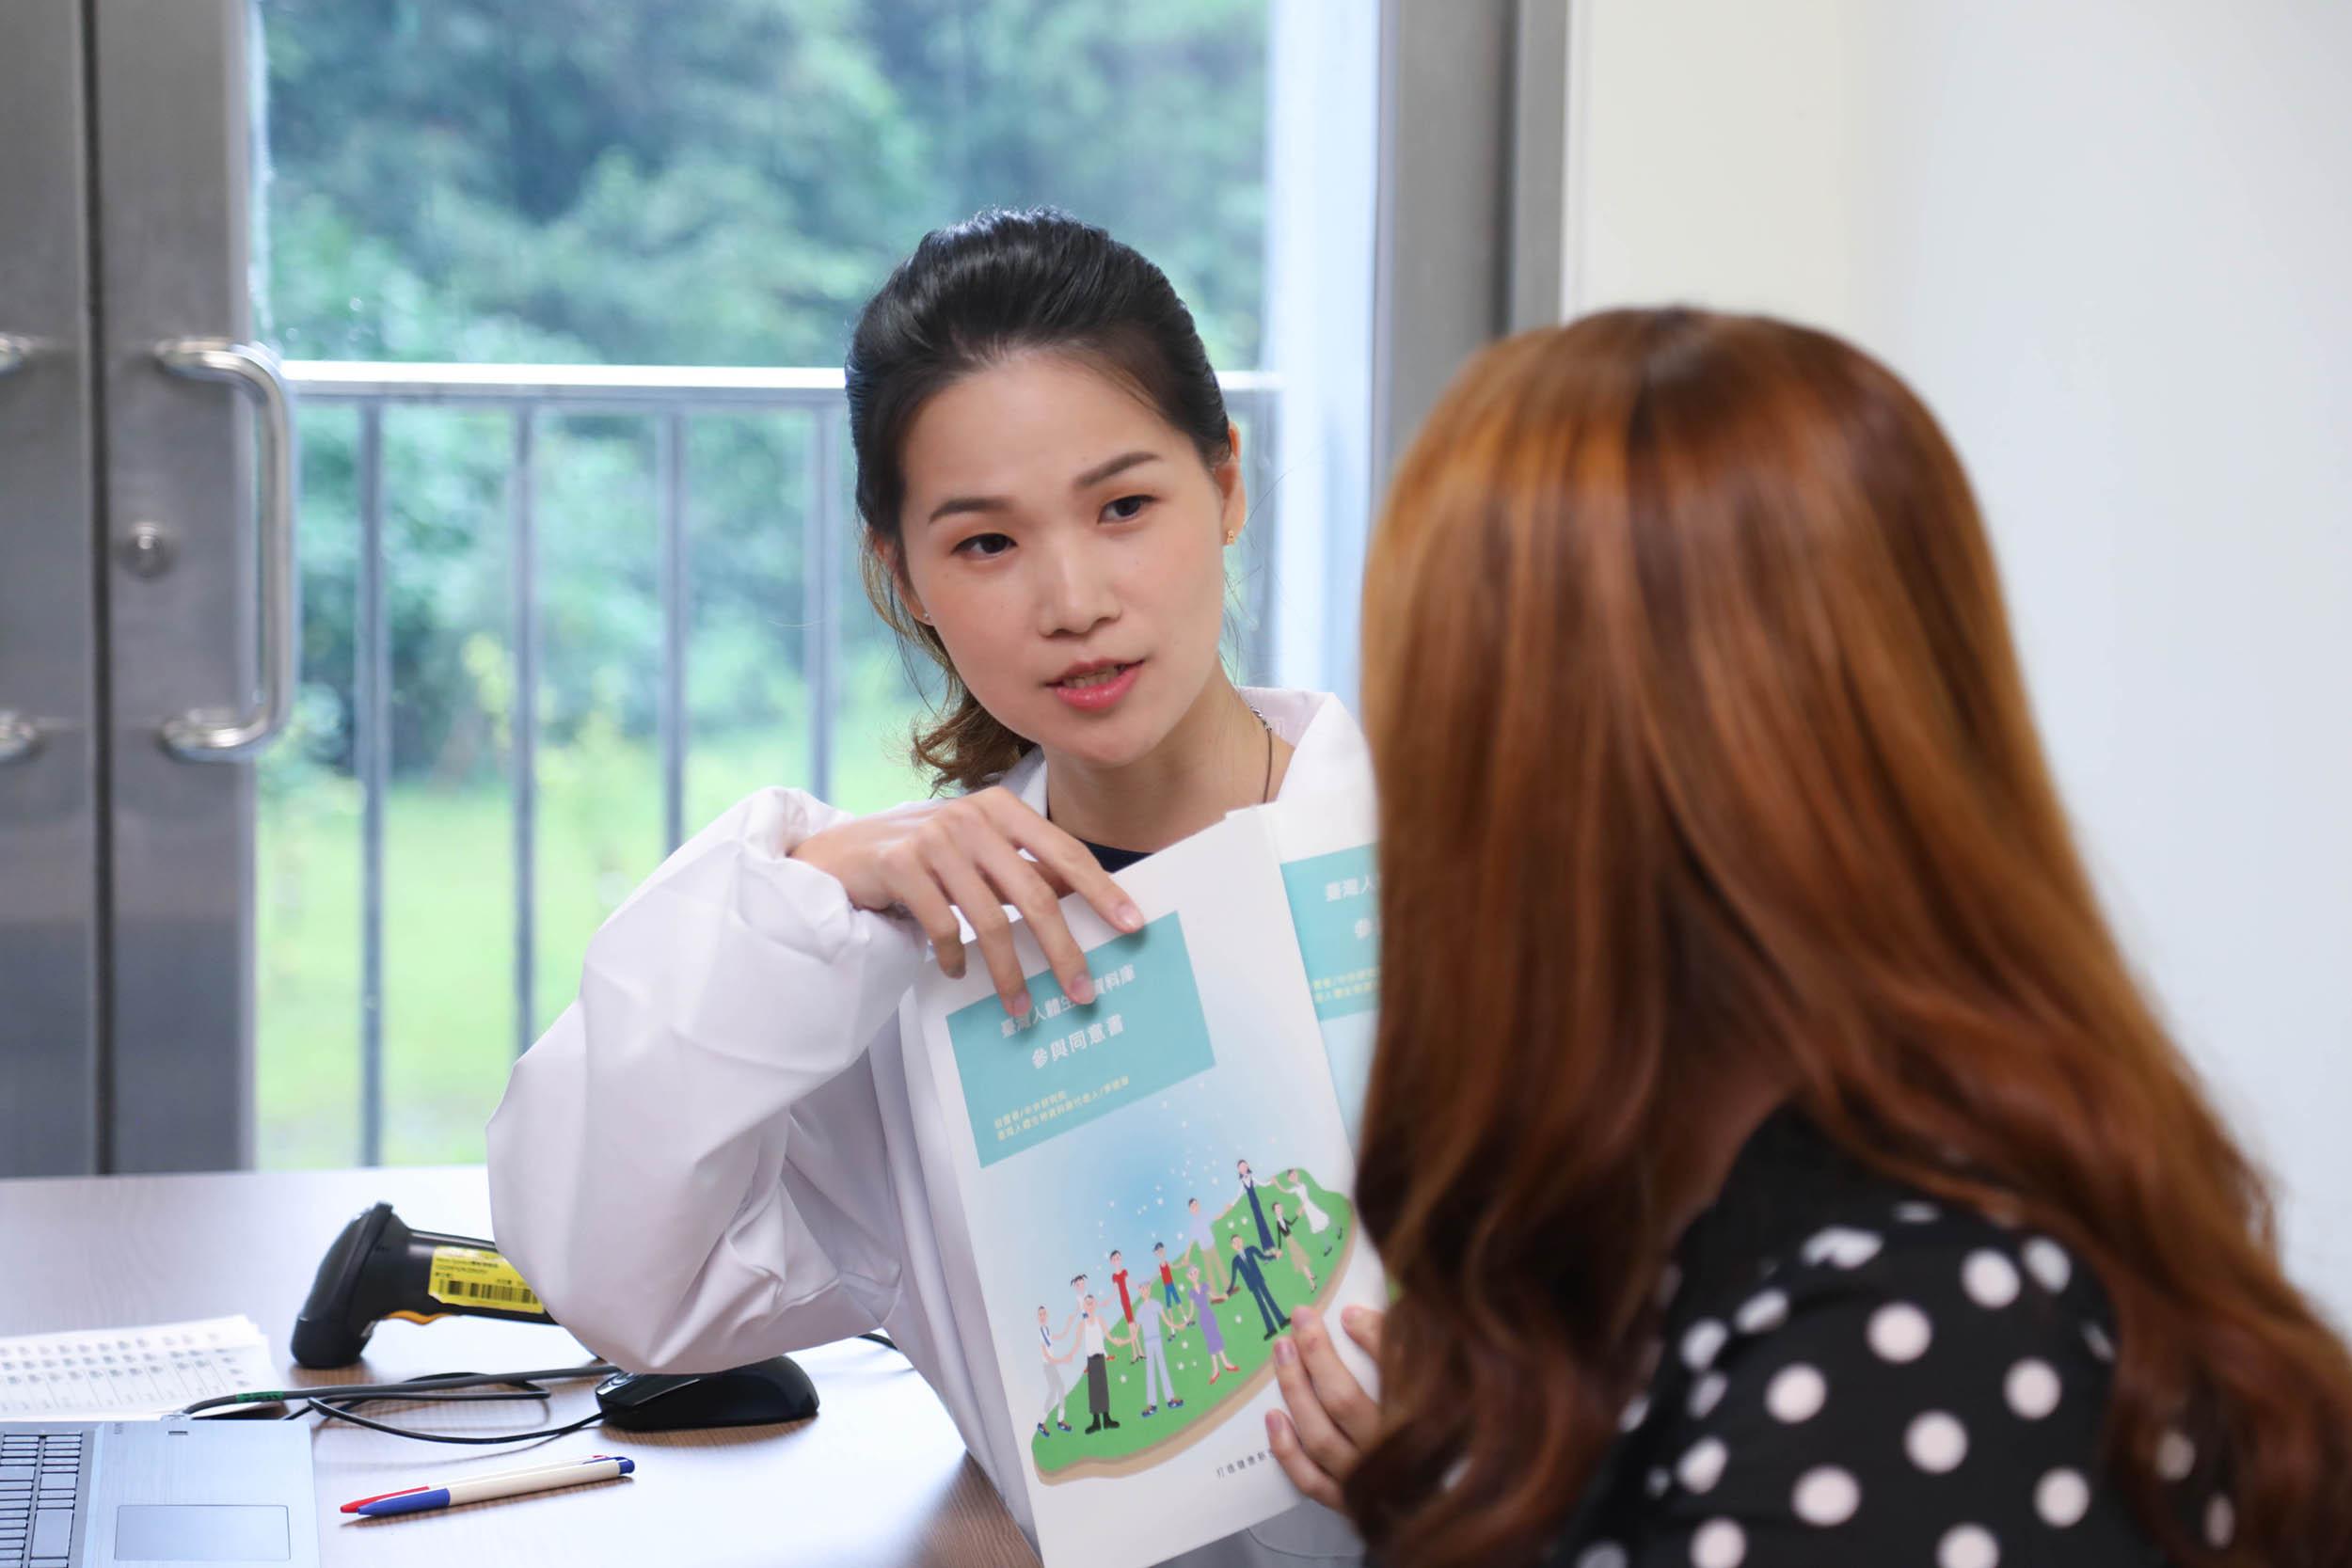 臺灣人體生物資料庫收集案件需要充分的說明,並徵得受試者同意。圖│Taiwan Biobank